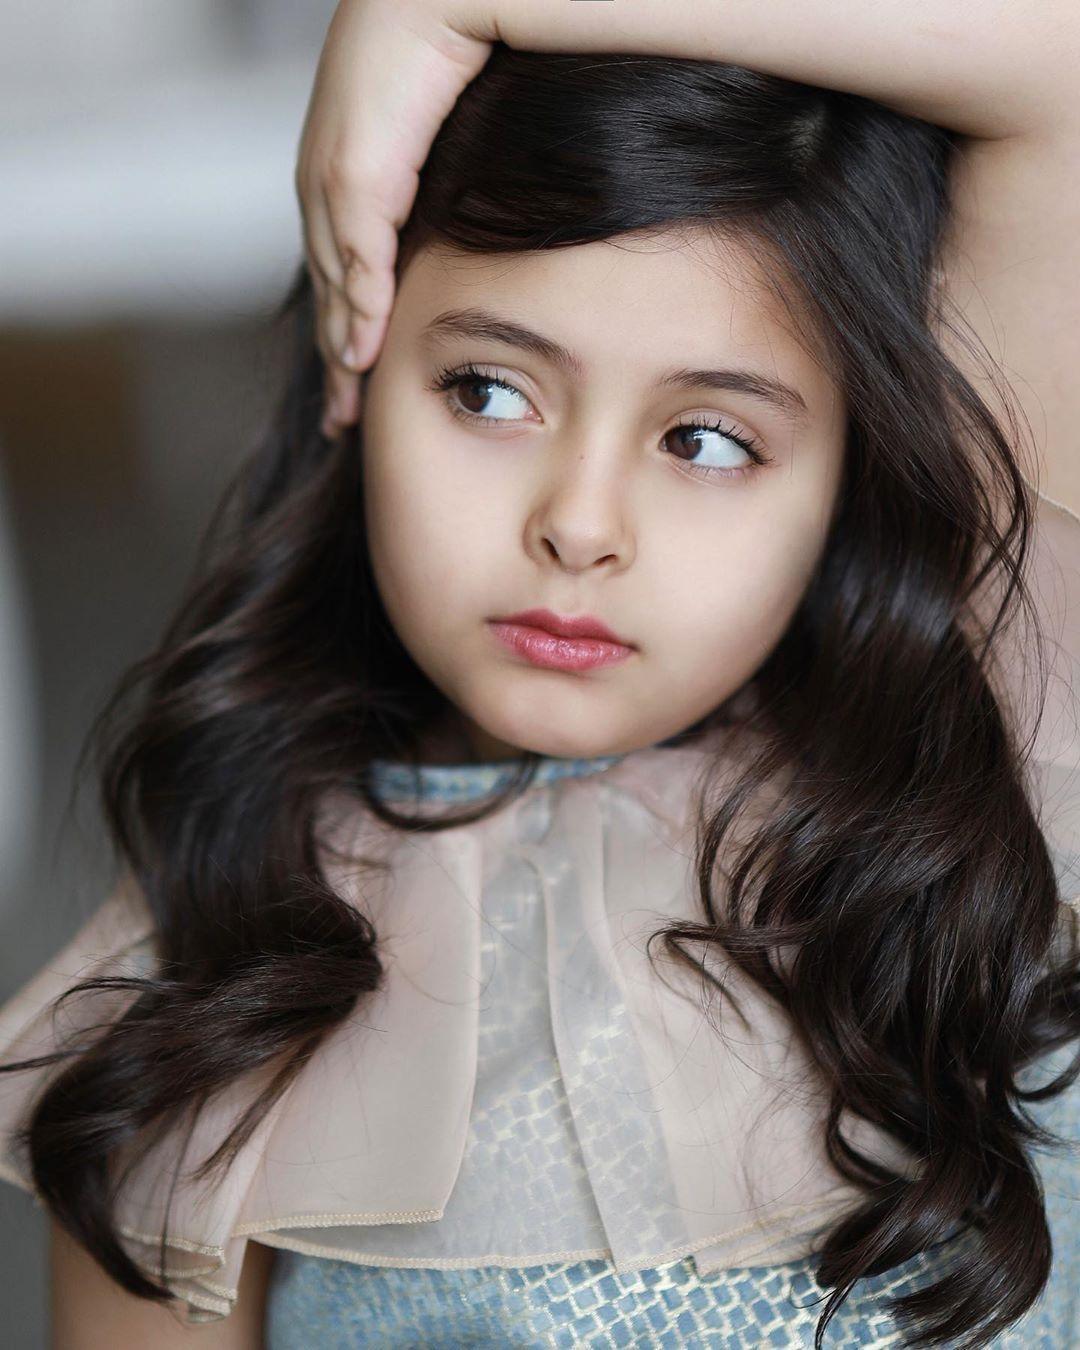 مروى عبدالعزيز On Instagram ولك في القلب قدر ومكان وشأن عظيم Arab Women Girl Women Girl